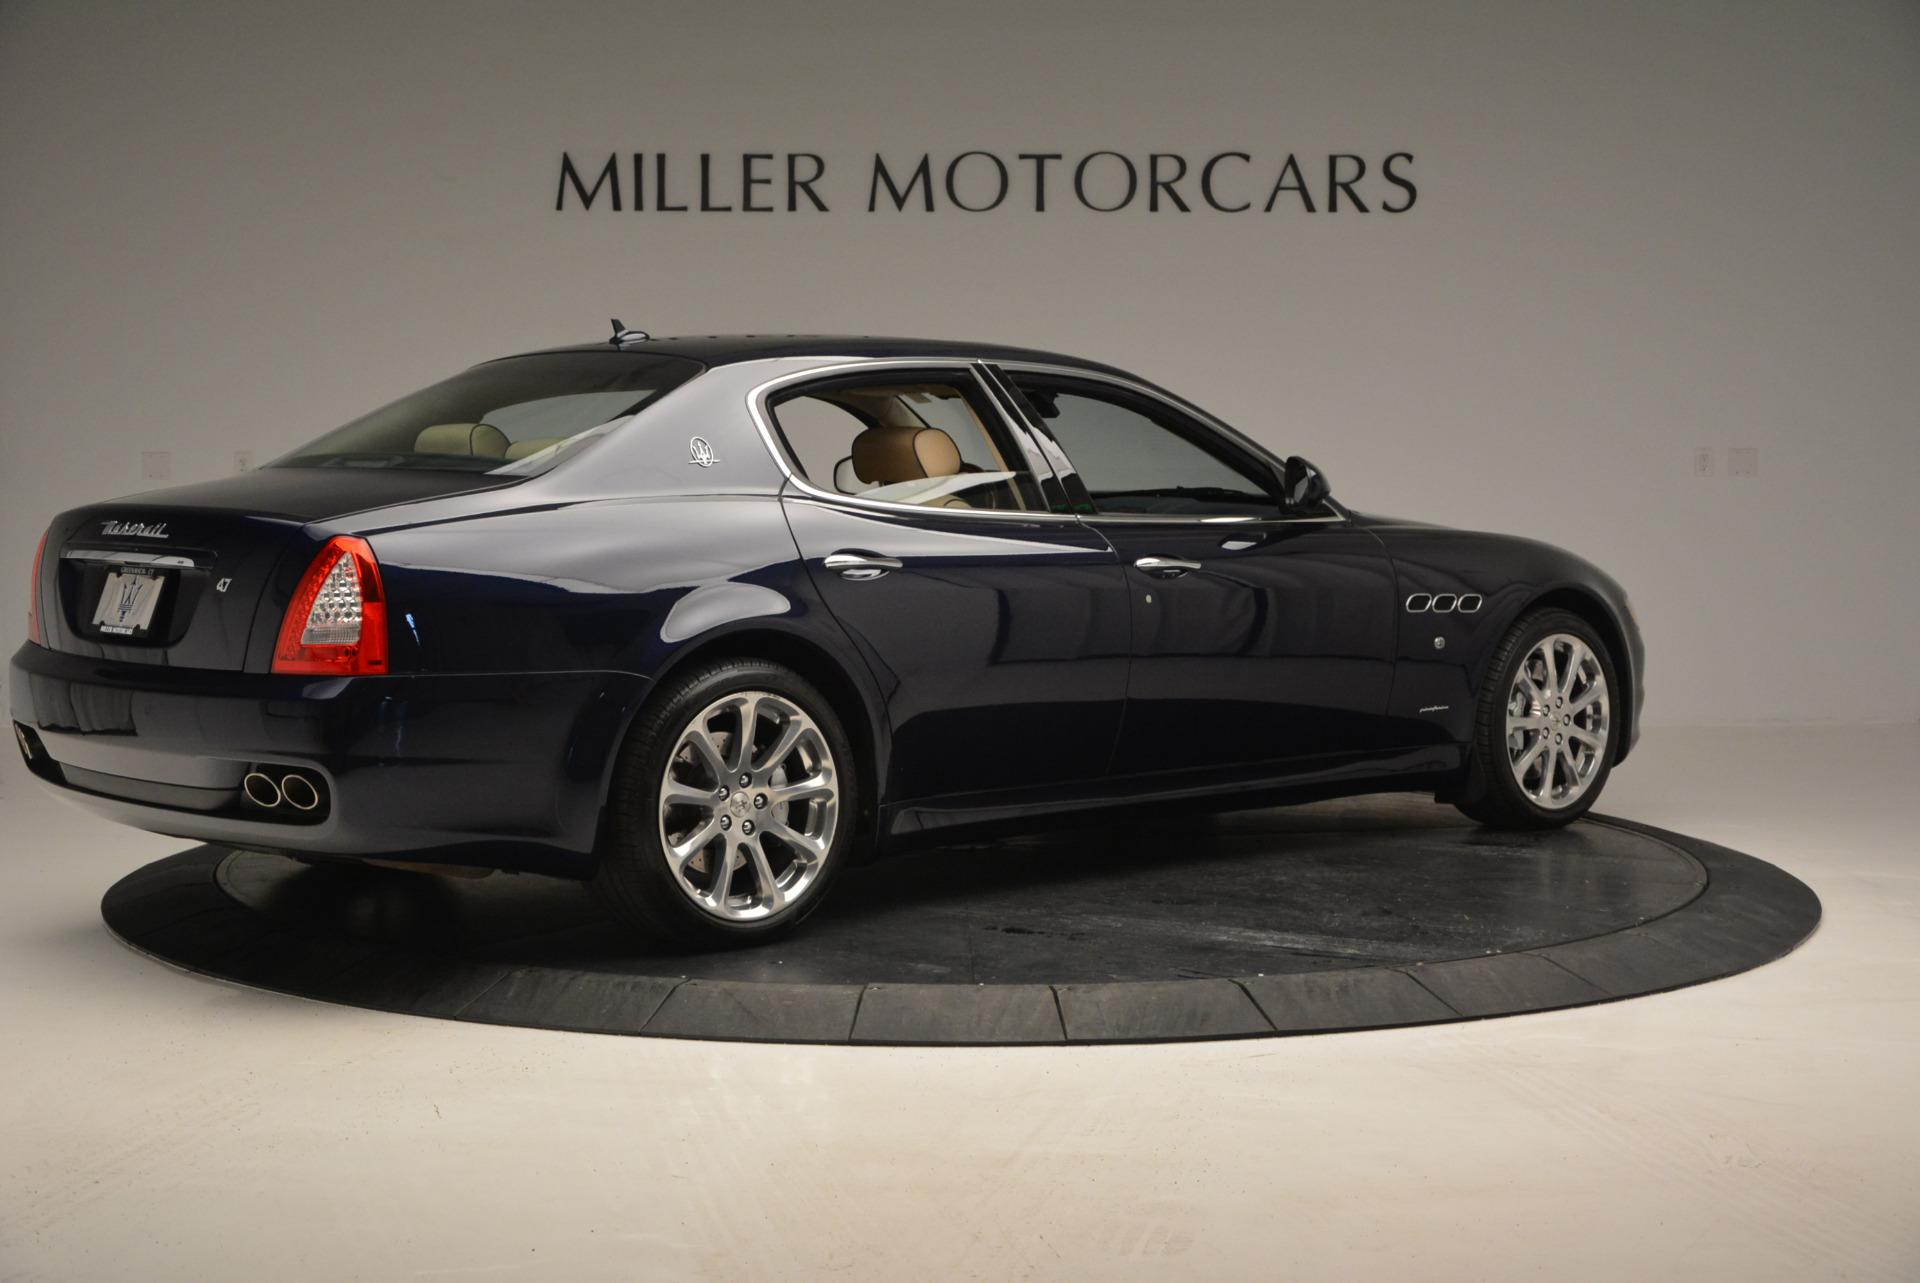 Used 2010 Maserati Quattroporte S For Sale In Greenwich, CT 795_p8